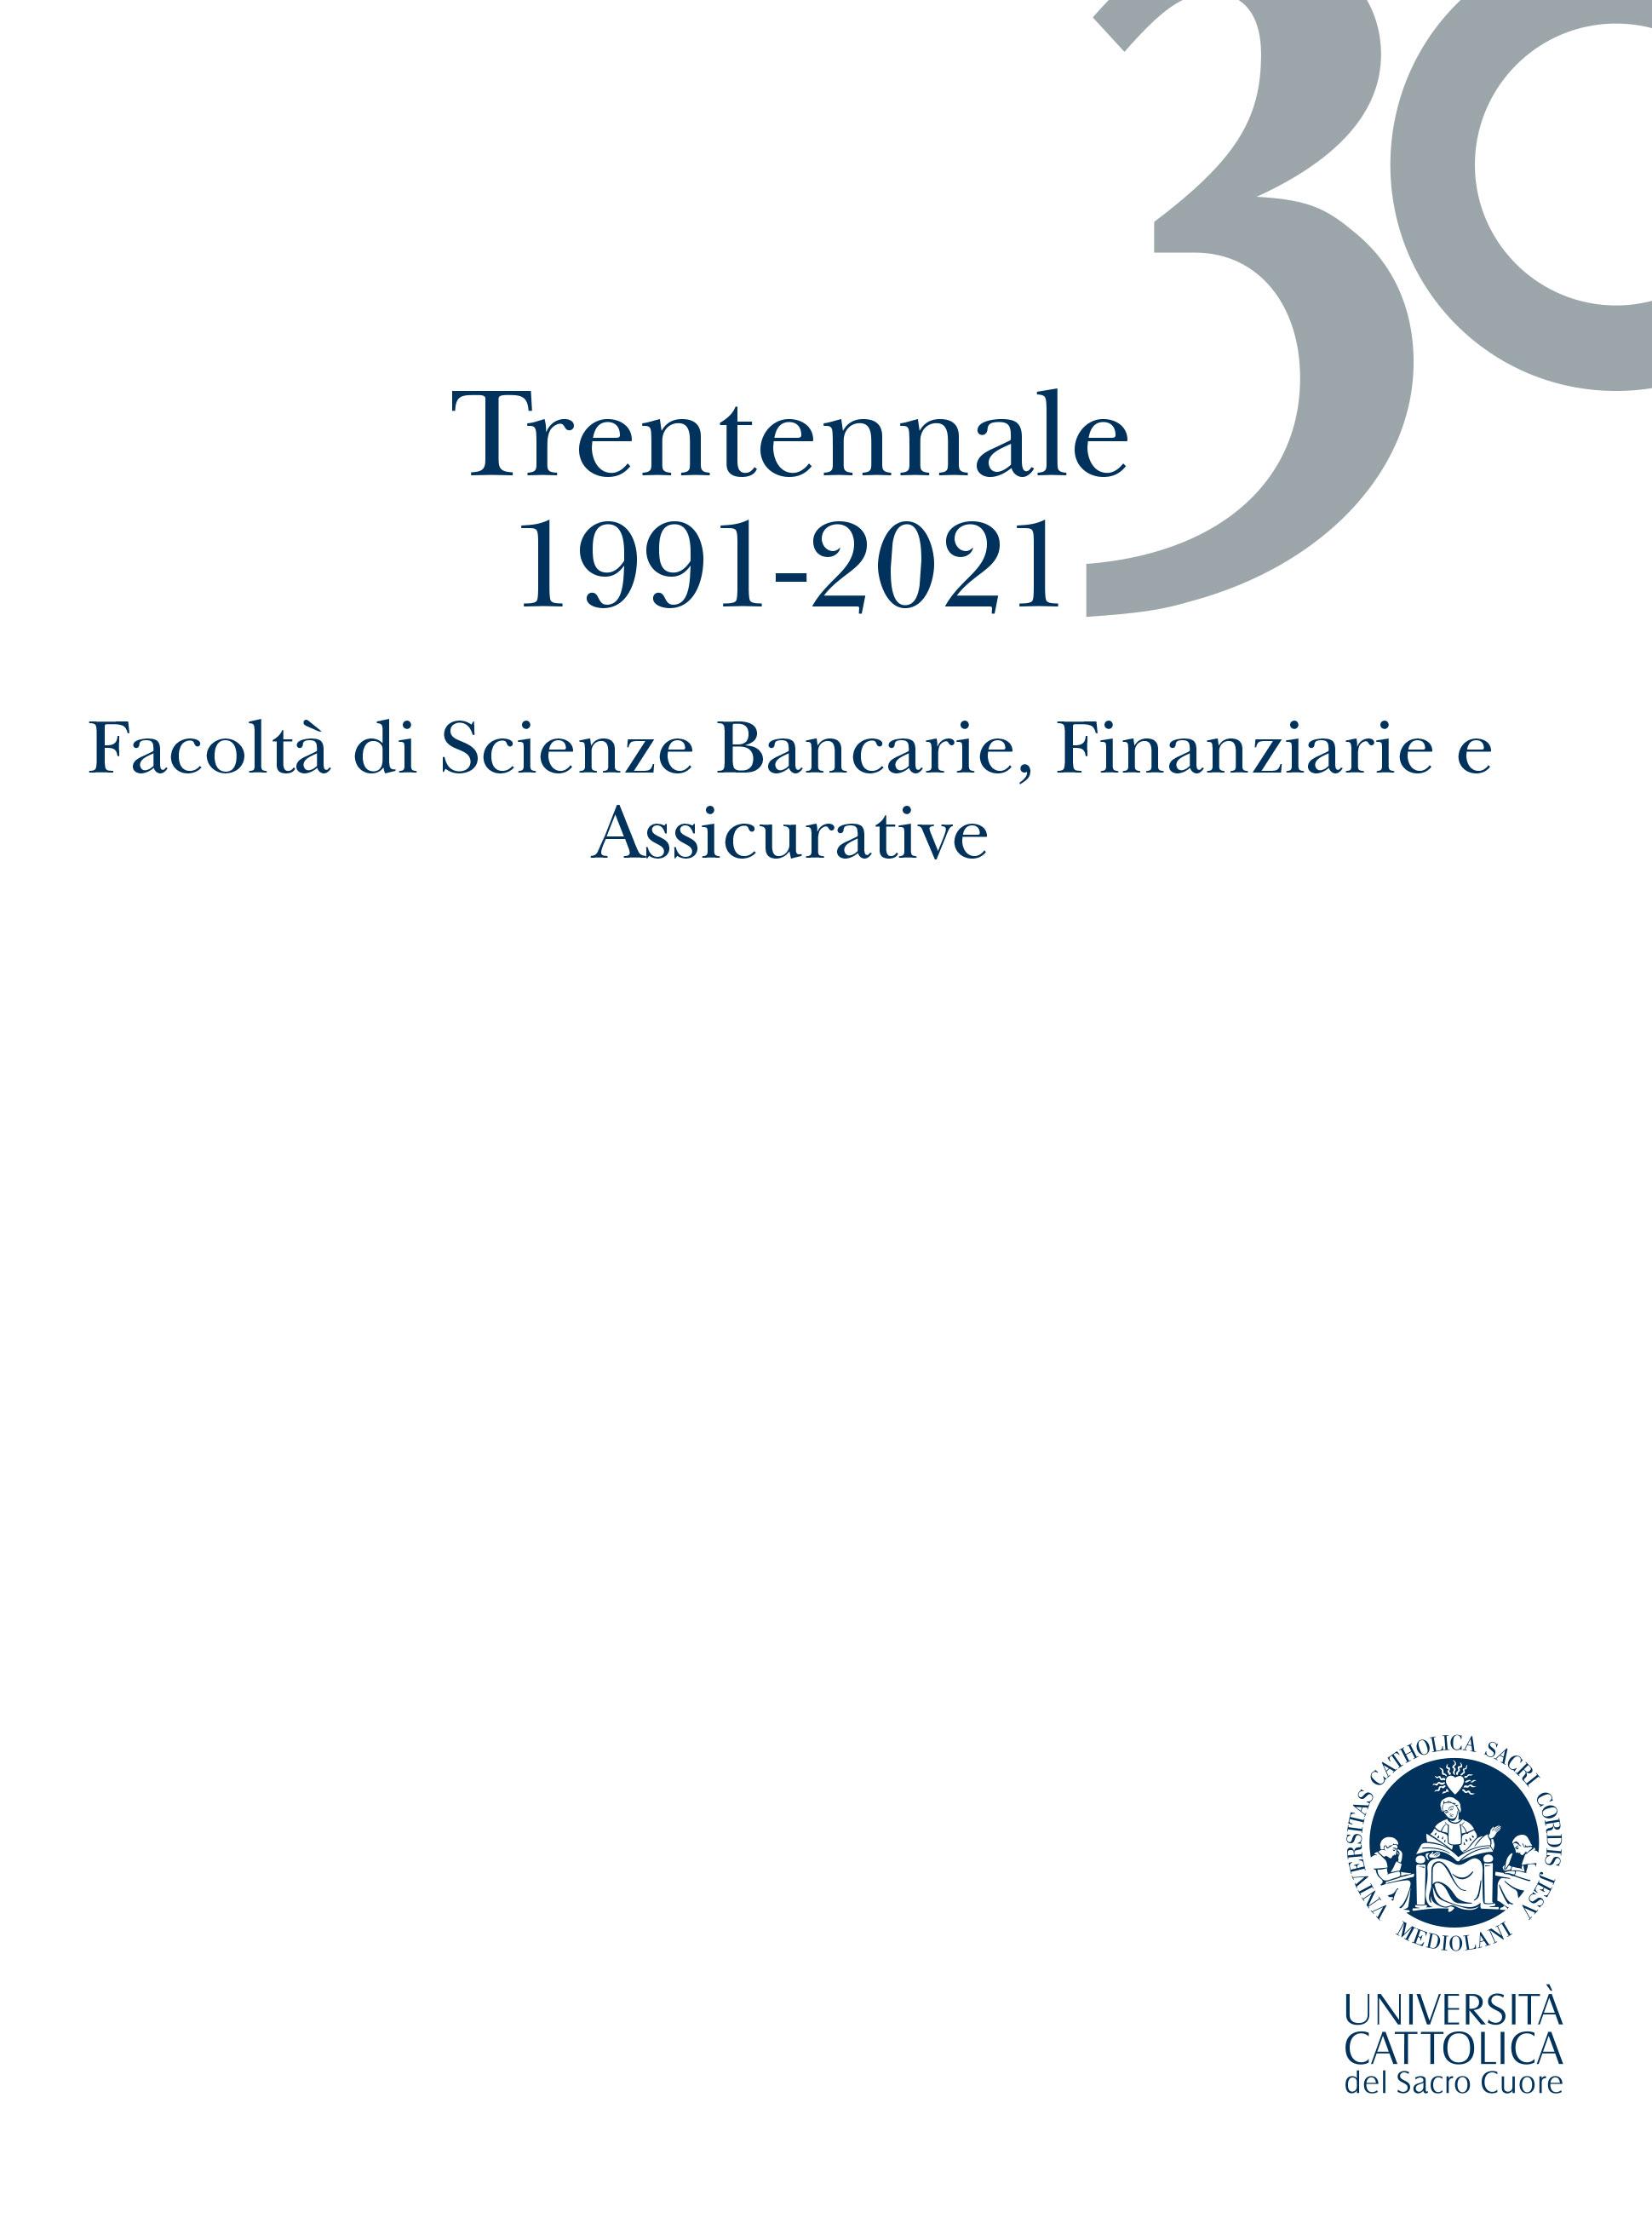 Trentennale  1991-2021. Facoltà di Scienze Bancarie, Finanziarie e Assicurative